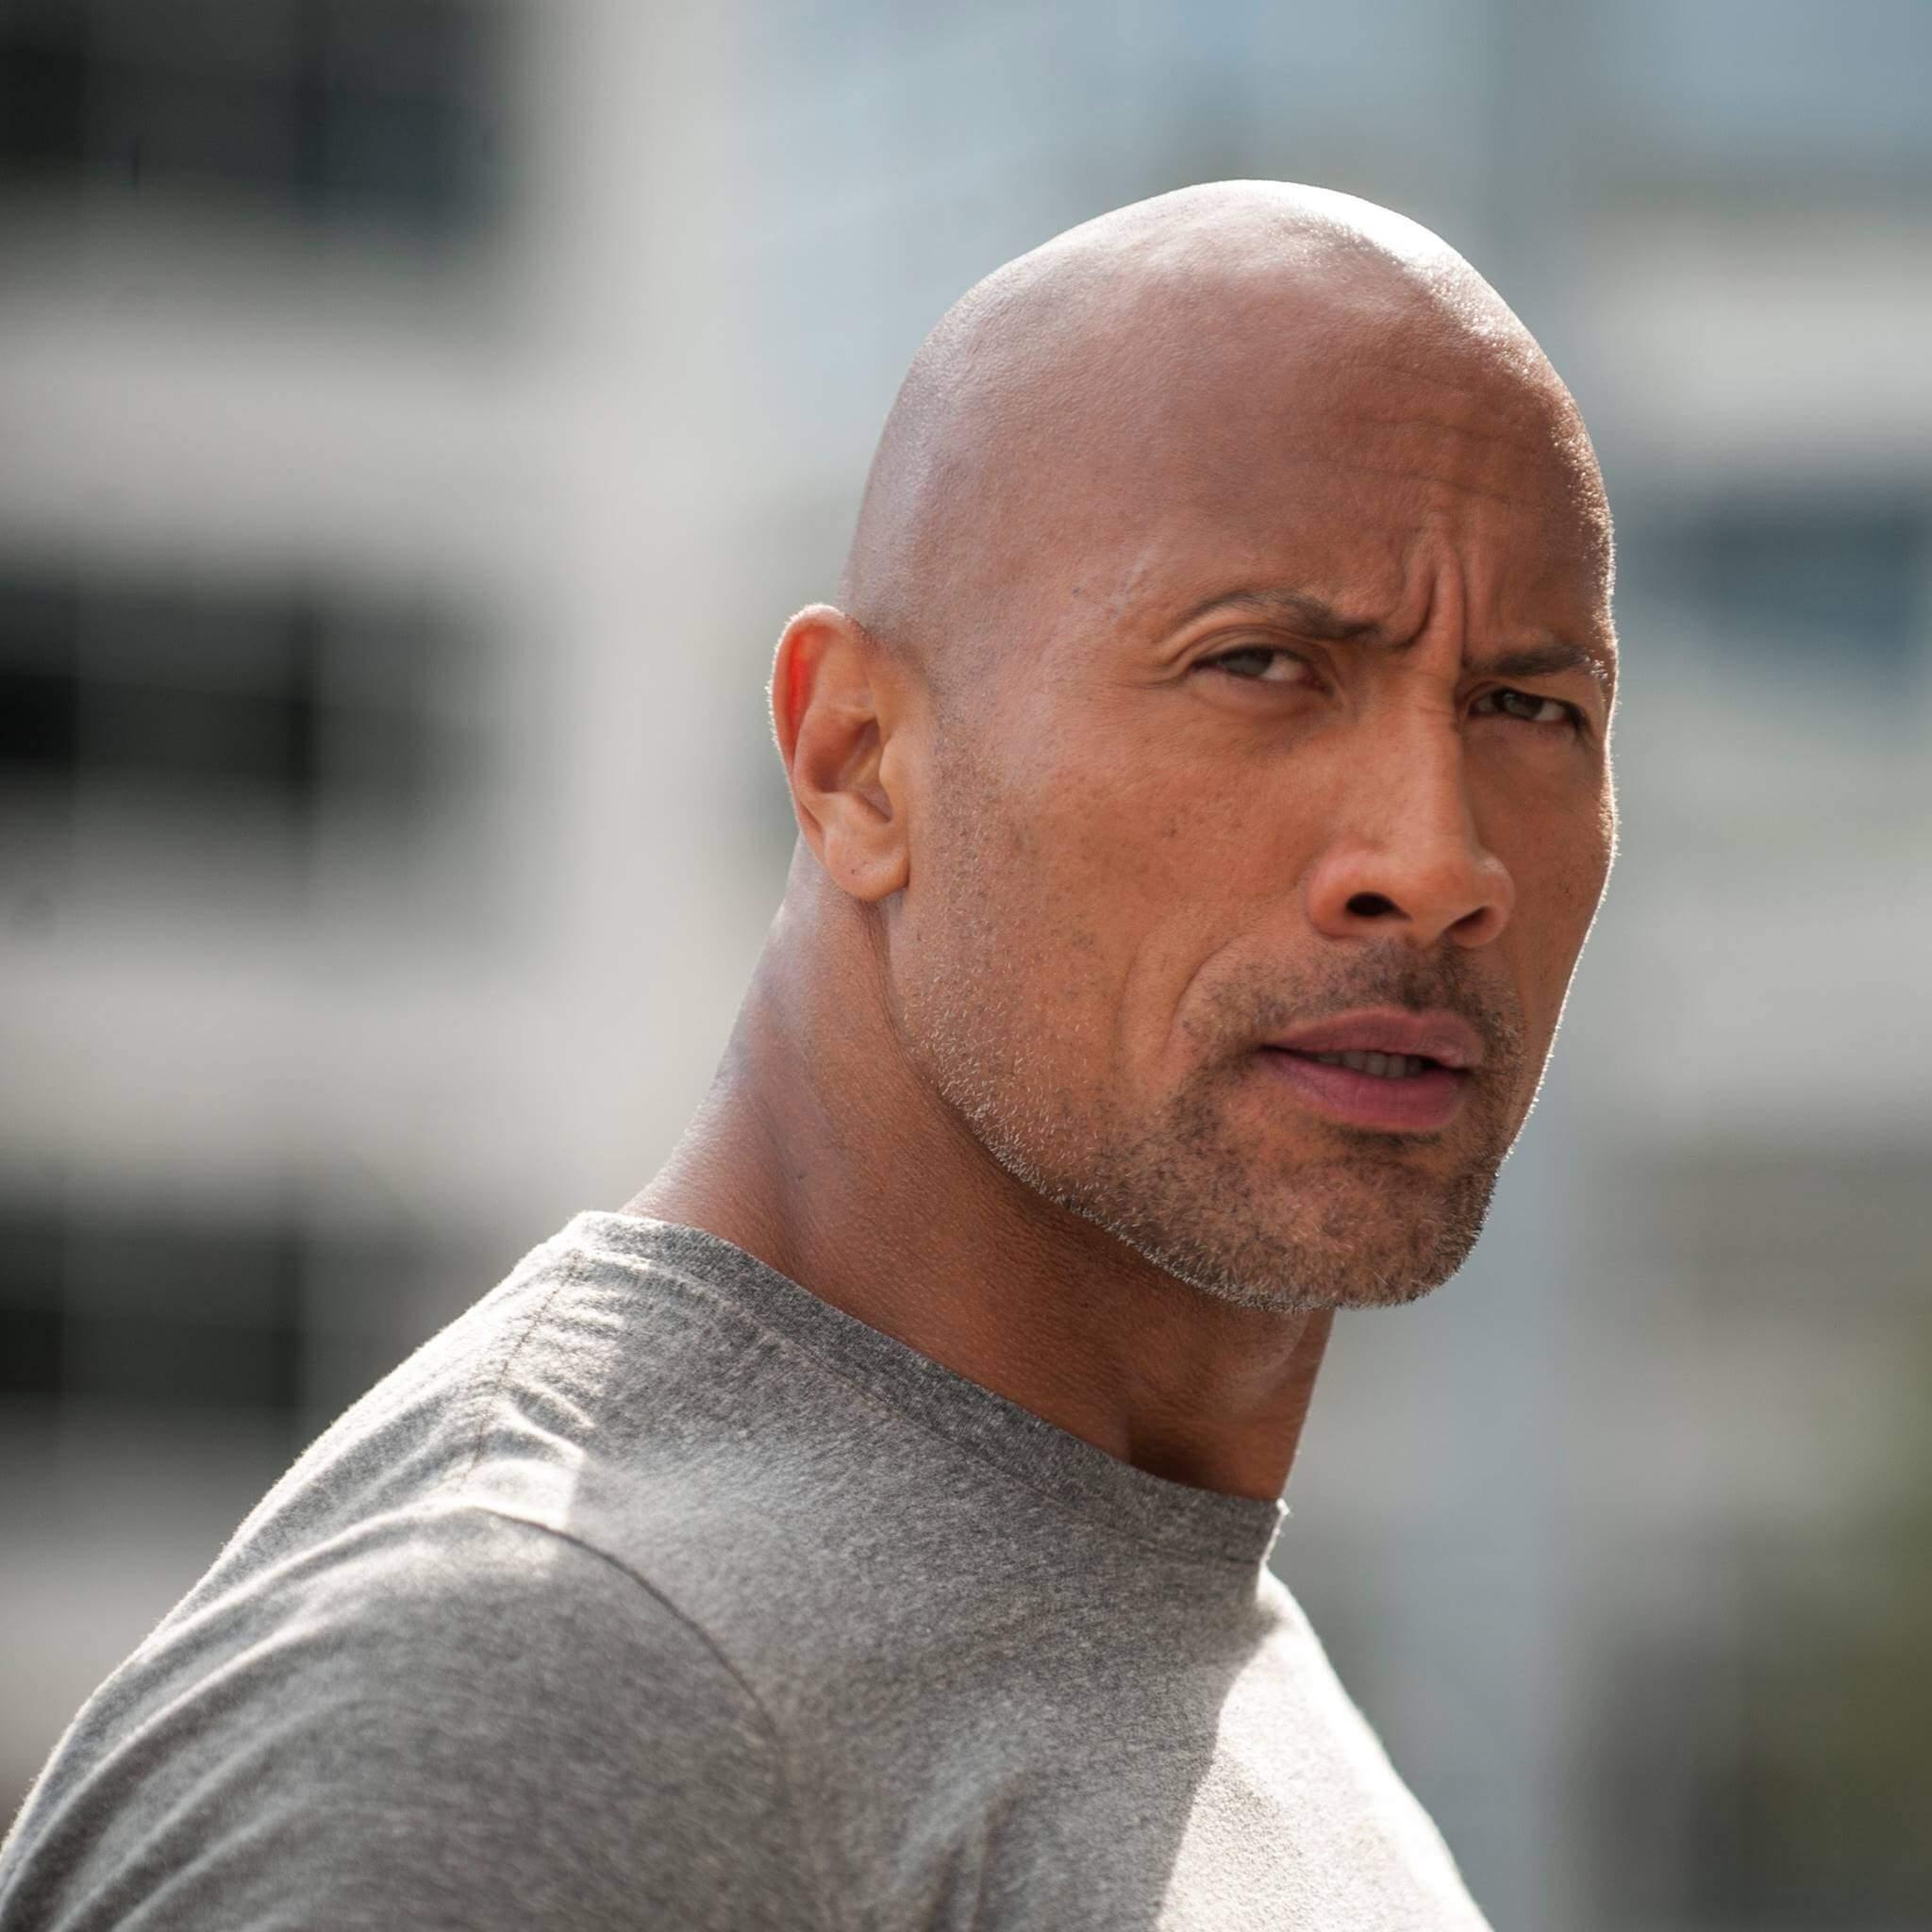 Dwayne The Rock